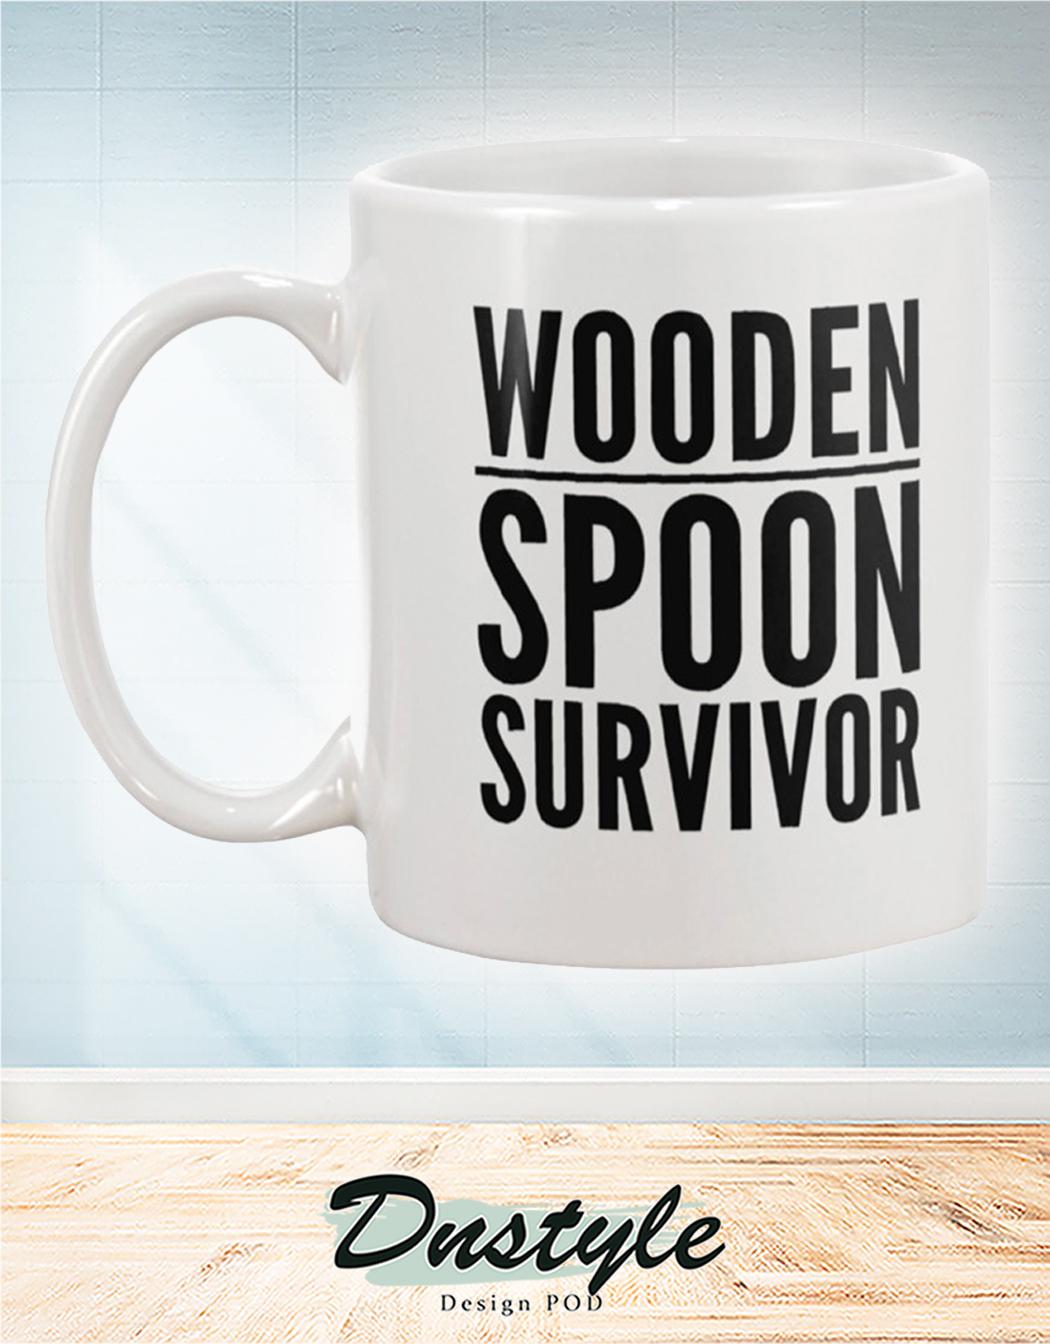 Wooden spoon survivor mug 1